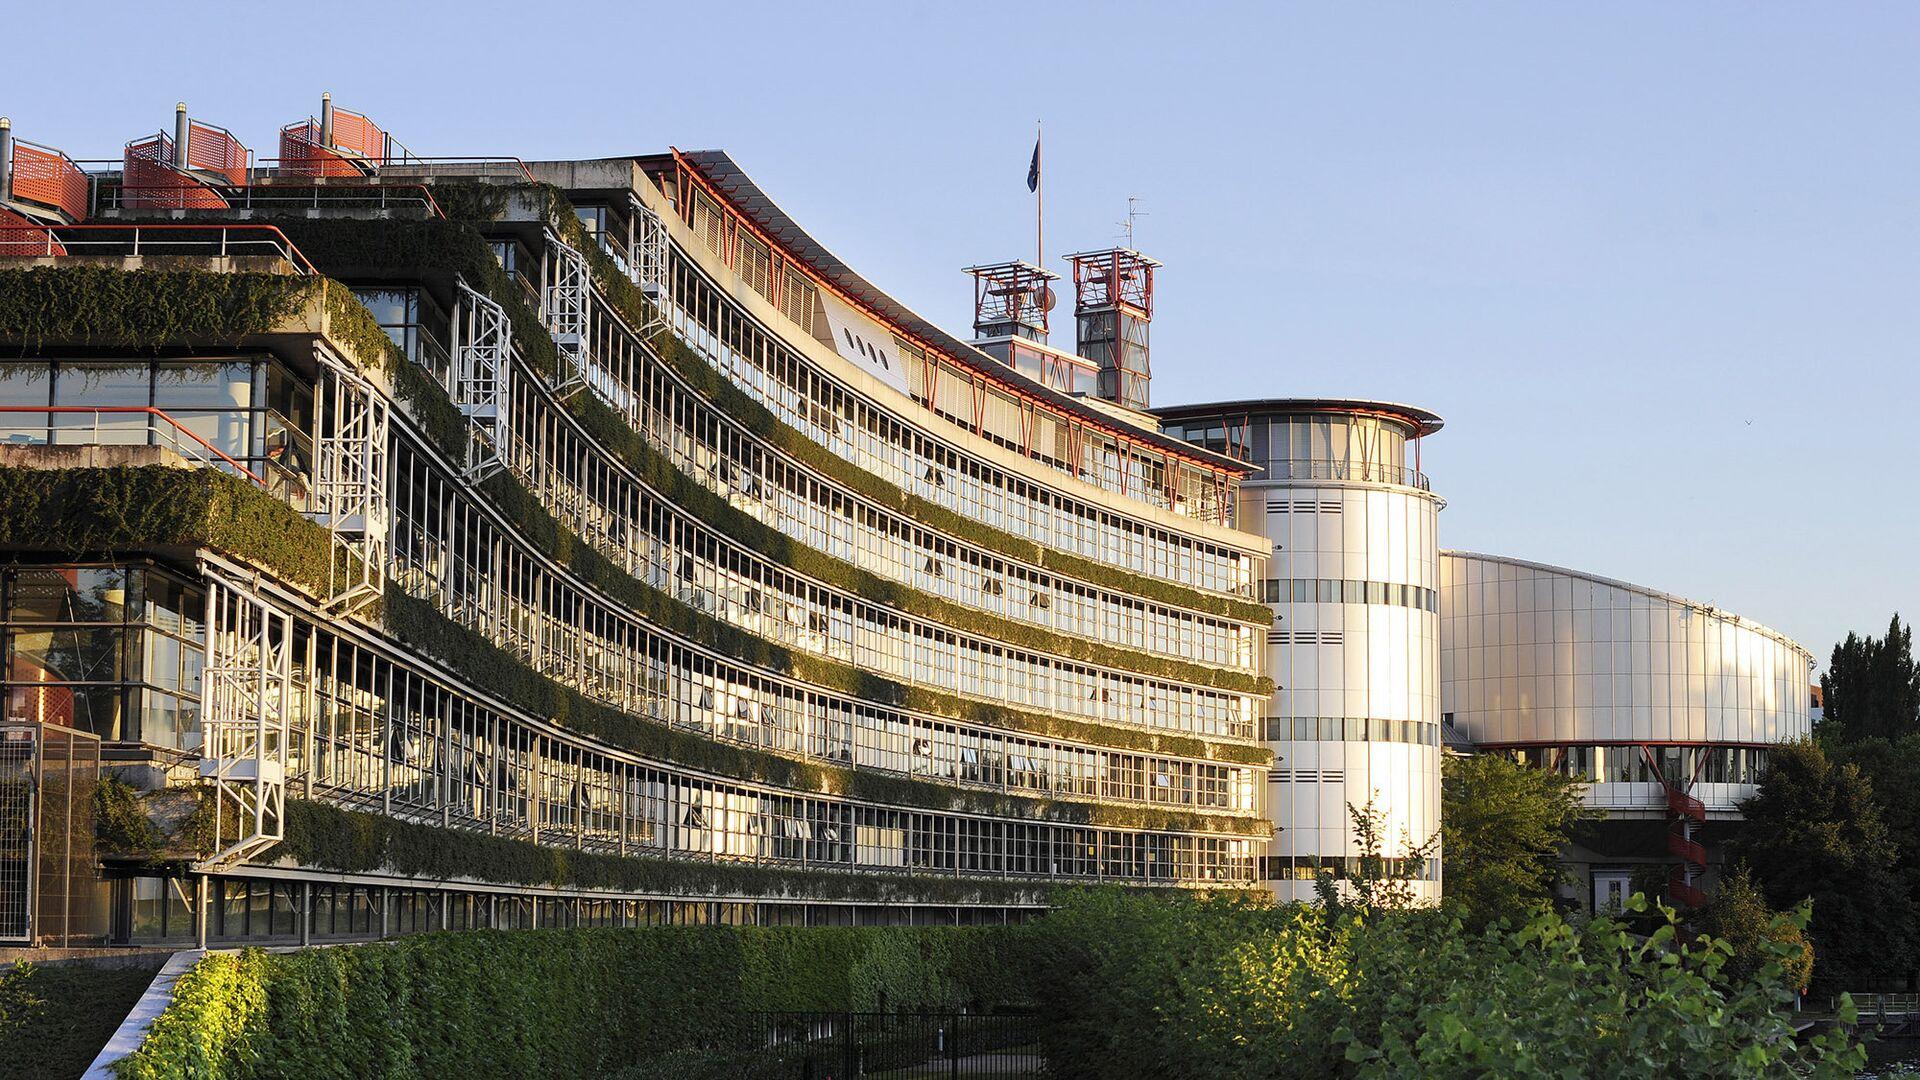 Здание Европейского суда по правам человека (ЕСПЧ) в Страсбурге - РИА Новости, 1920, 22.07.2021